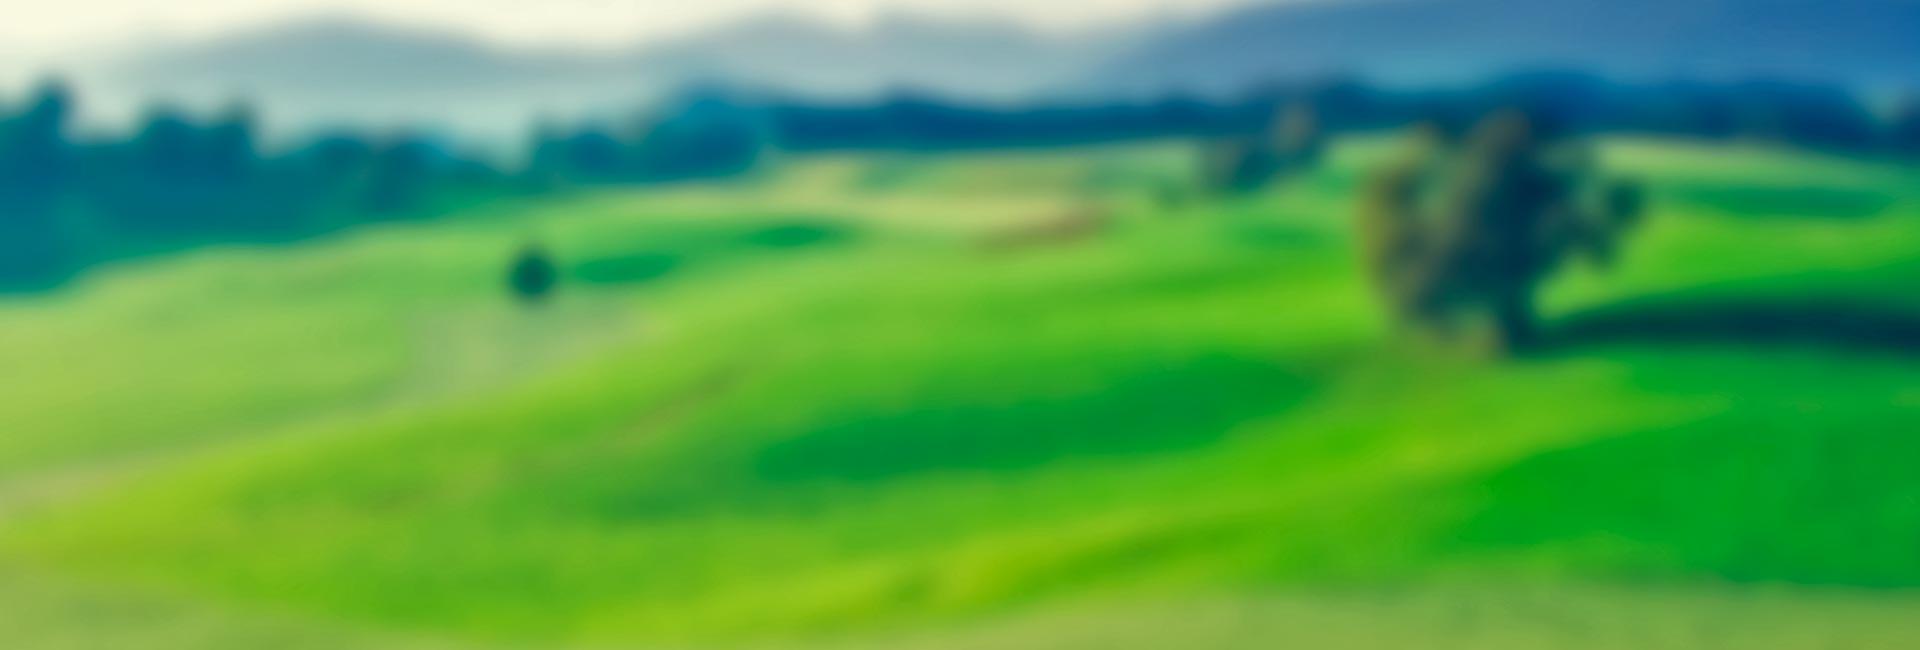 ladywalk-slide-background